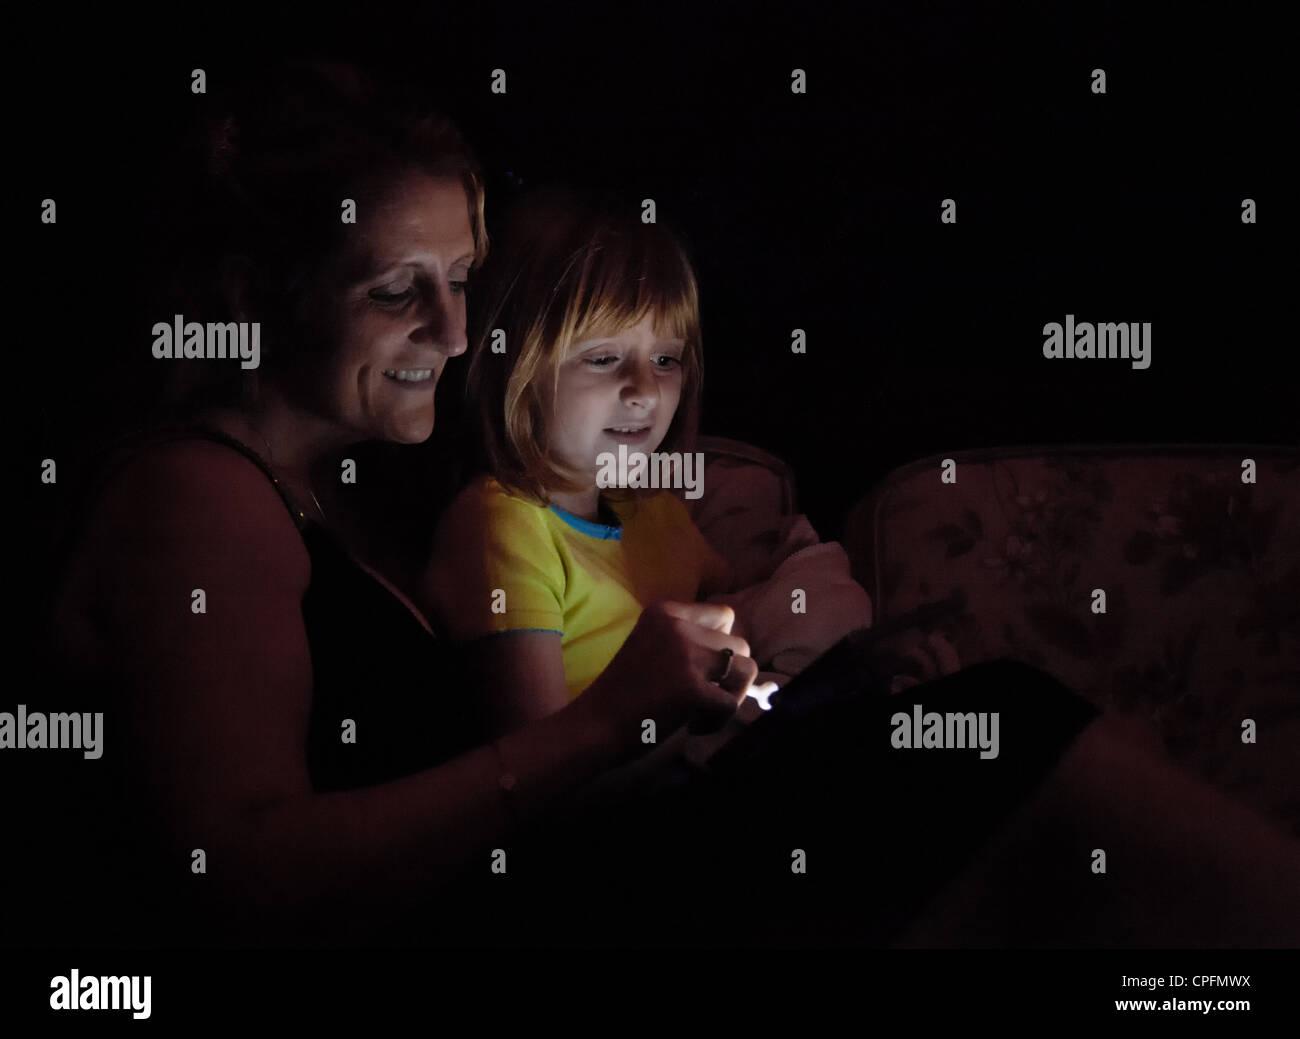 Une mère et sa fille de jouer à un jeu vidéo. Photo Stock